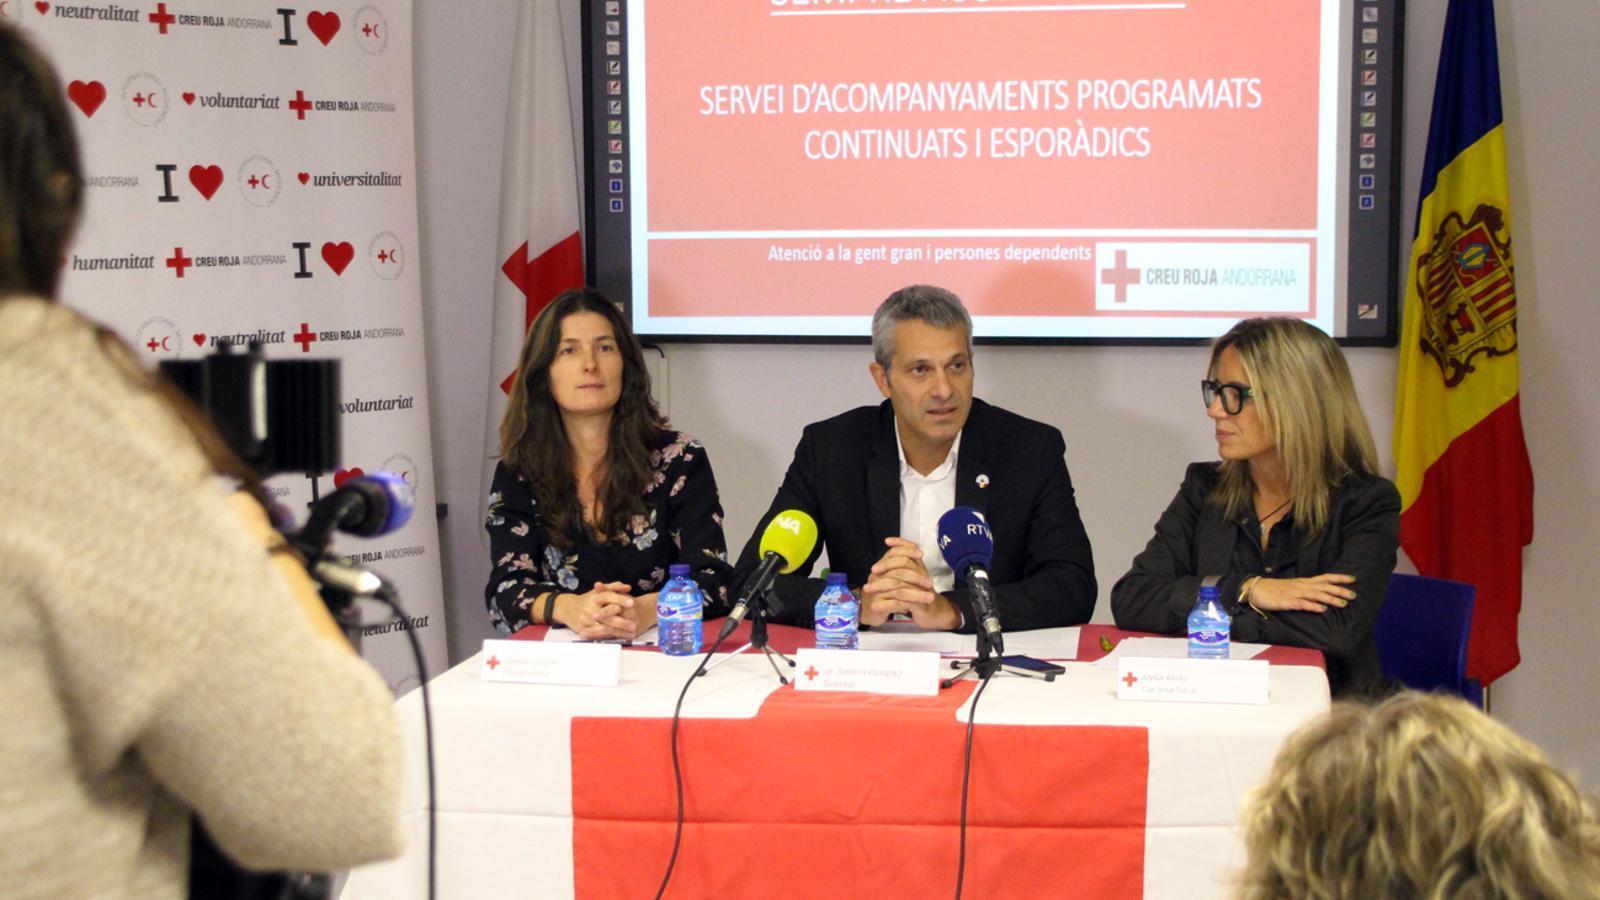 La coordinadora del projecte, Carina Leclerc; el director de Creu Roja Andorrana, Jordi Fernández, i la cap de l'àrea Social, Anna Arias, durant la presentació del programa 'Sempre acompanyats'.